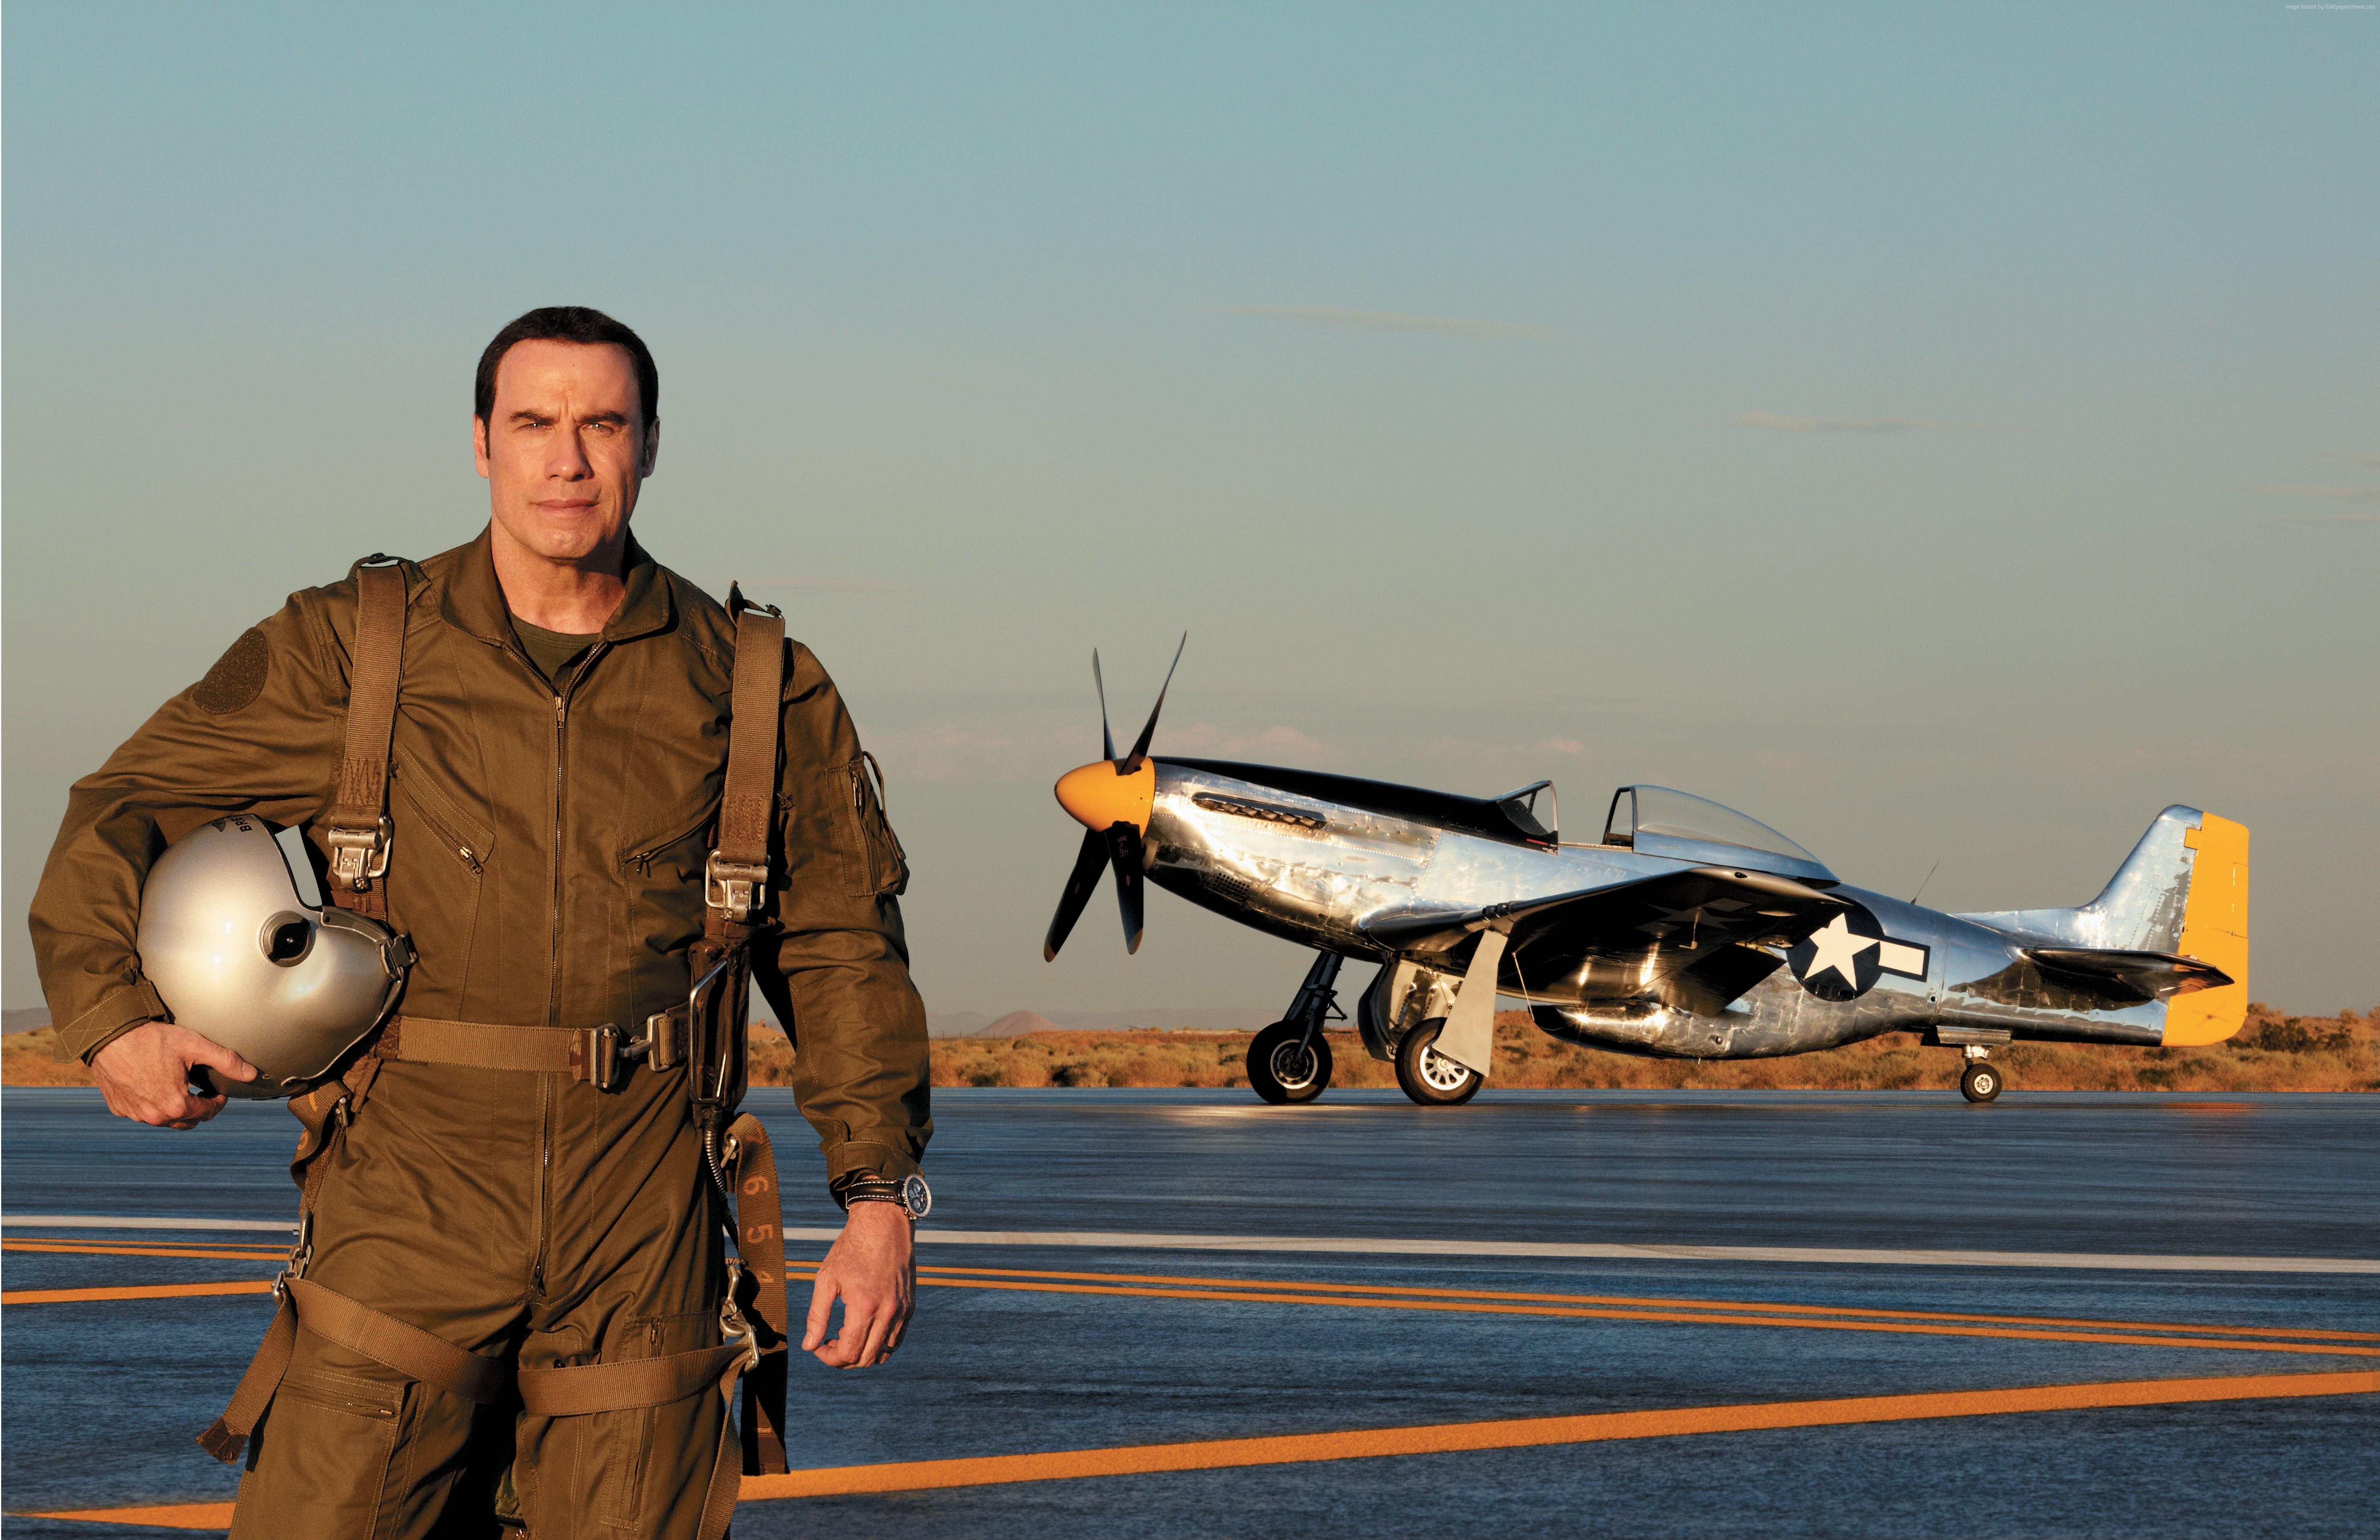 Картинки военные летчики и самолеты речь идет